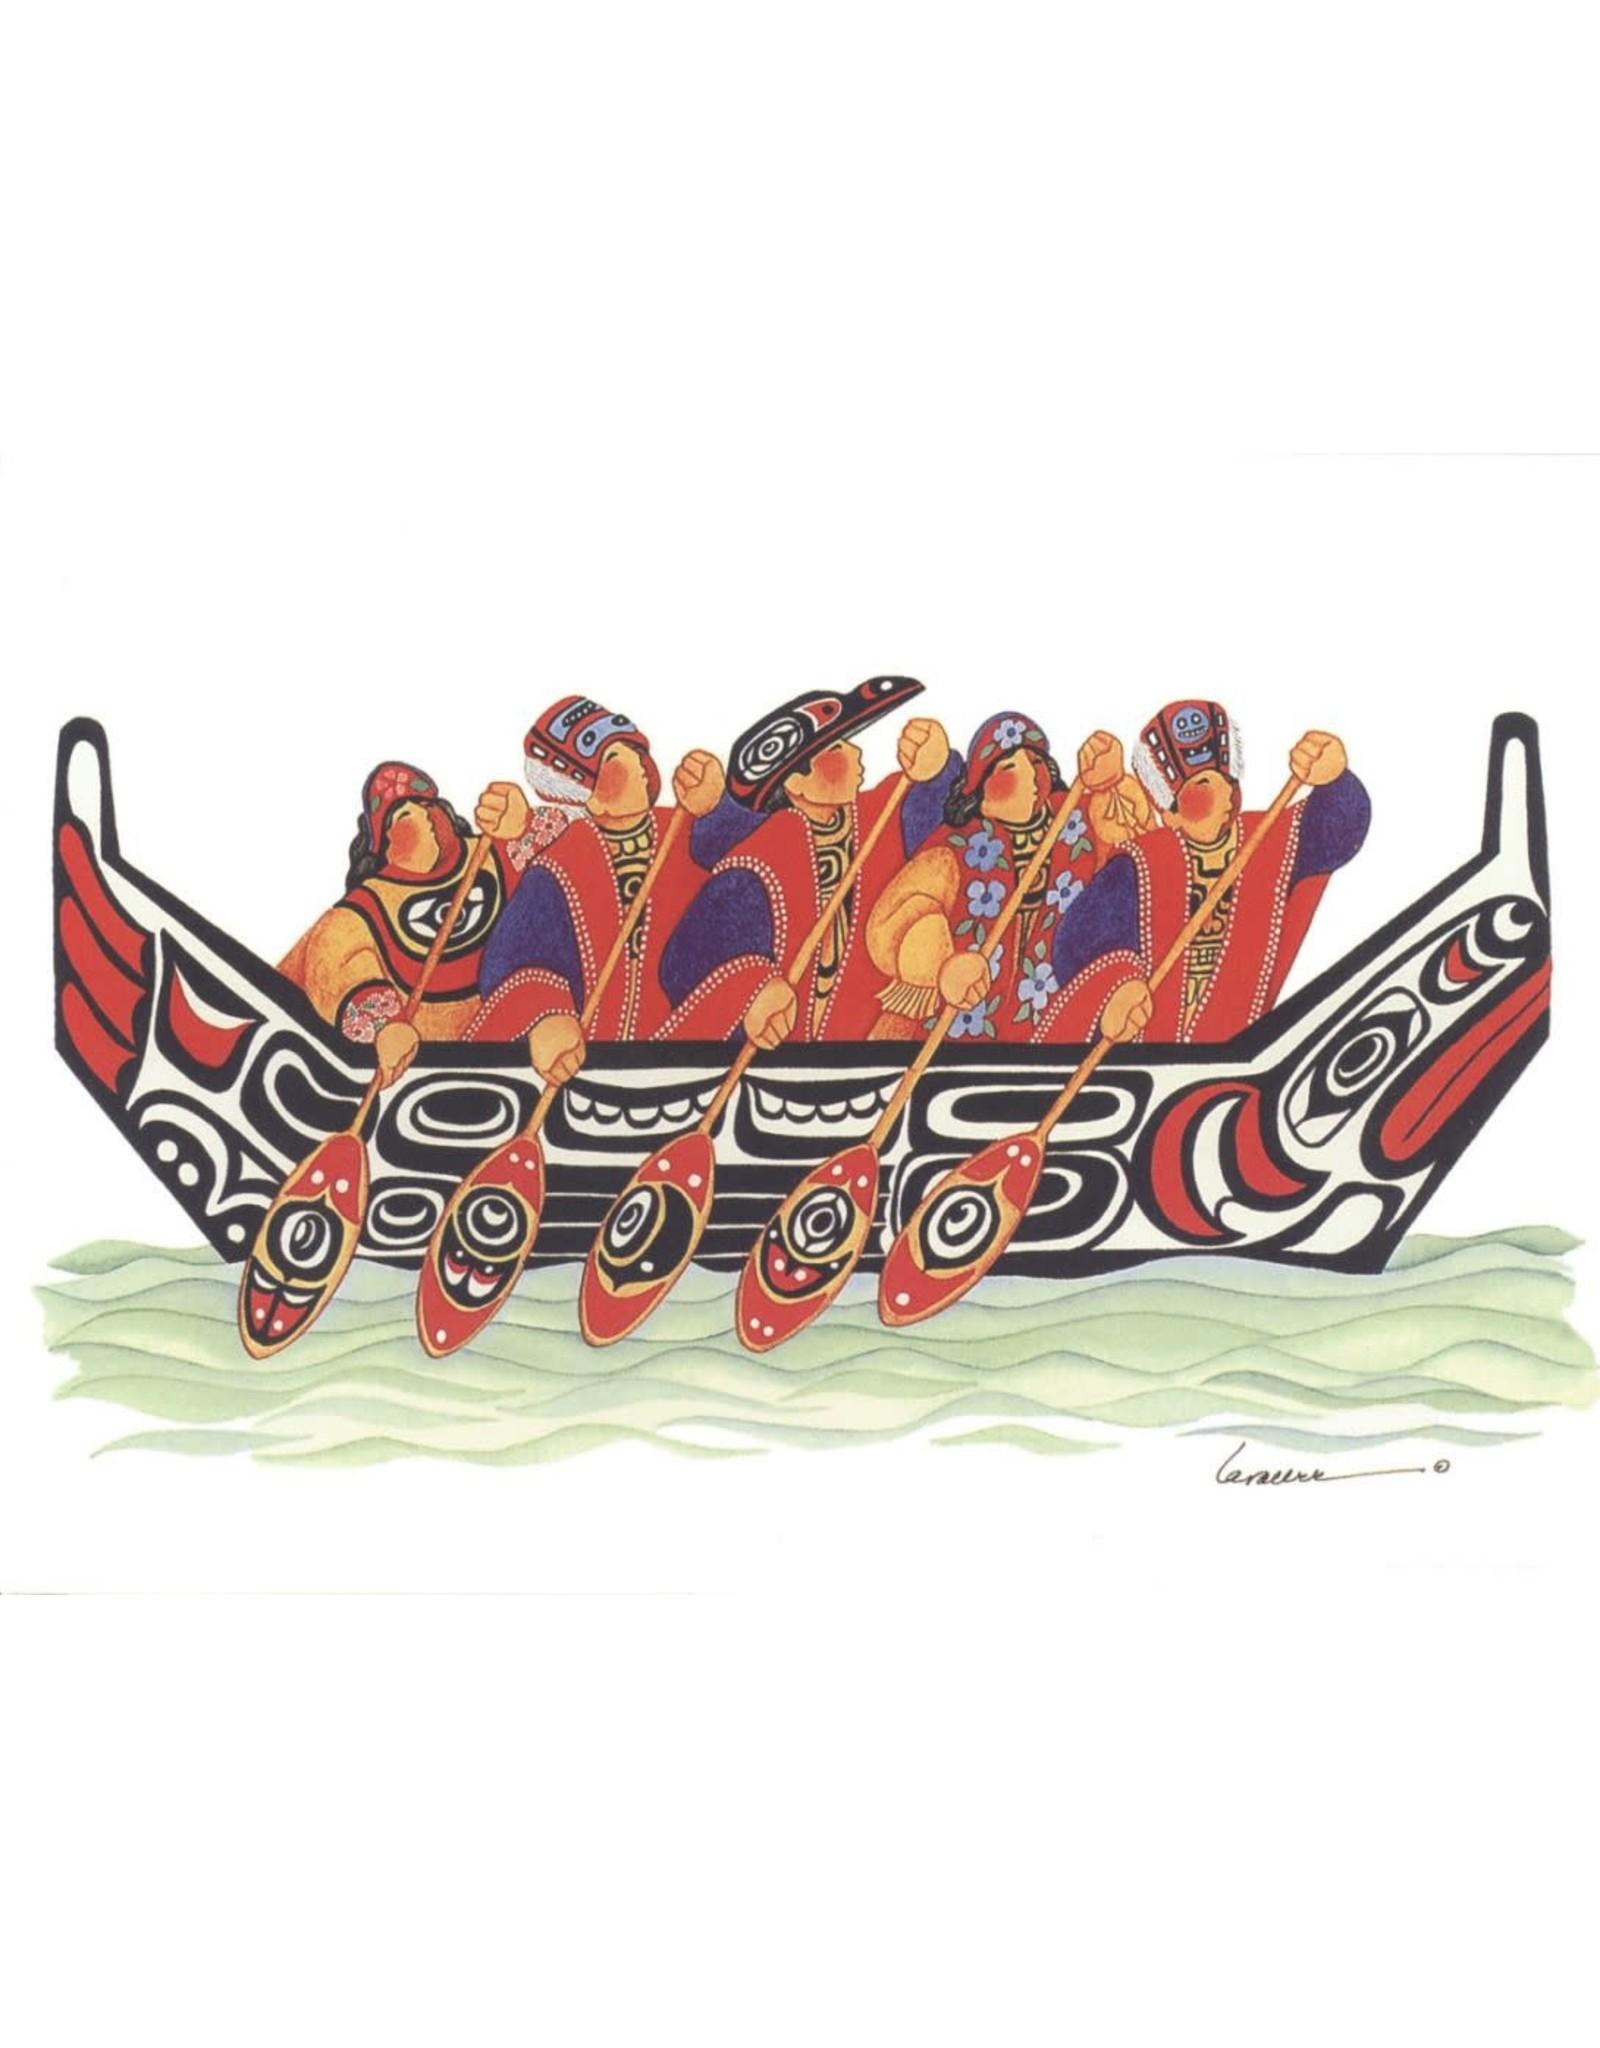 Barbara Lavallee Tlingit Canoe (art card) | Barbara Lavallee